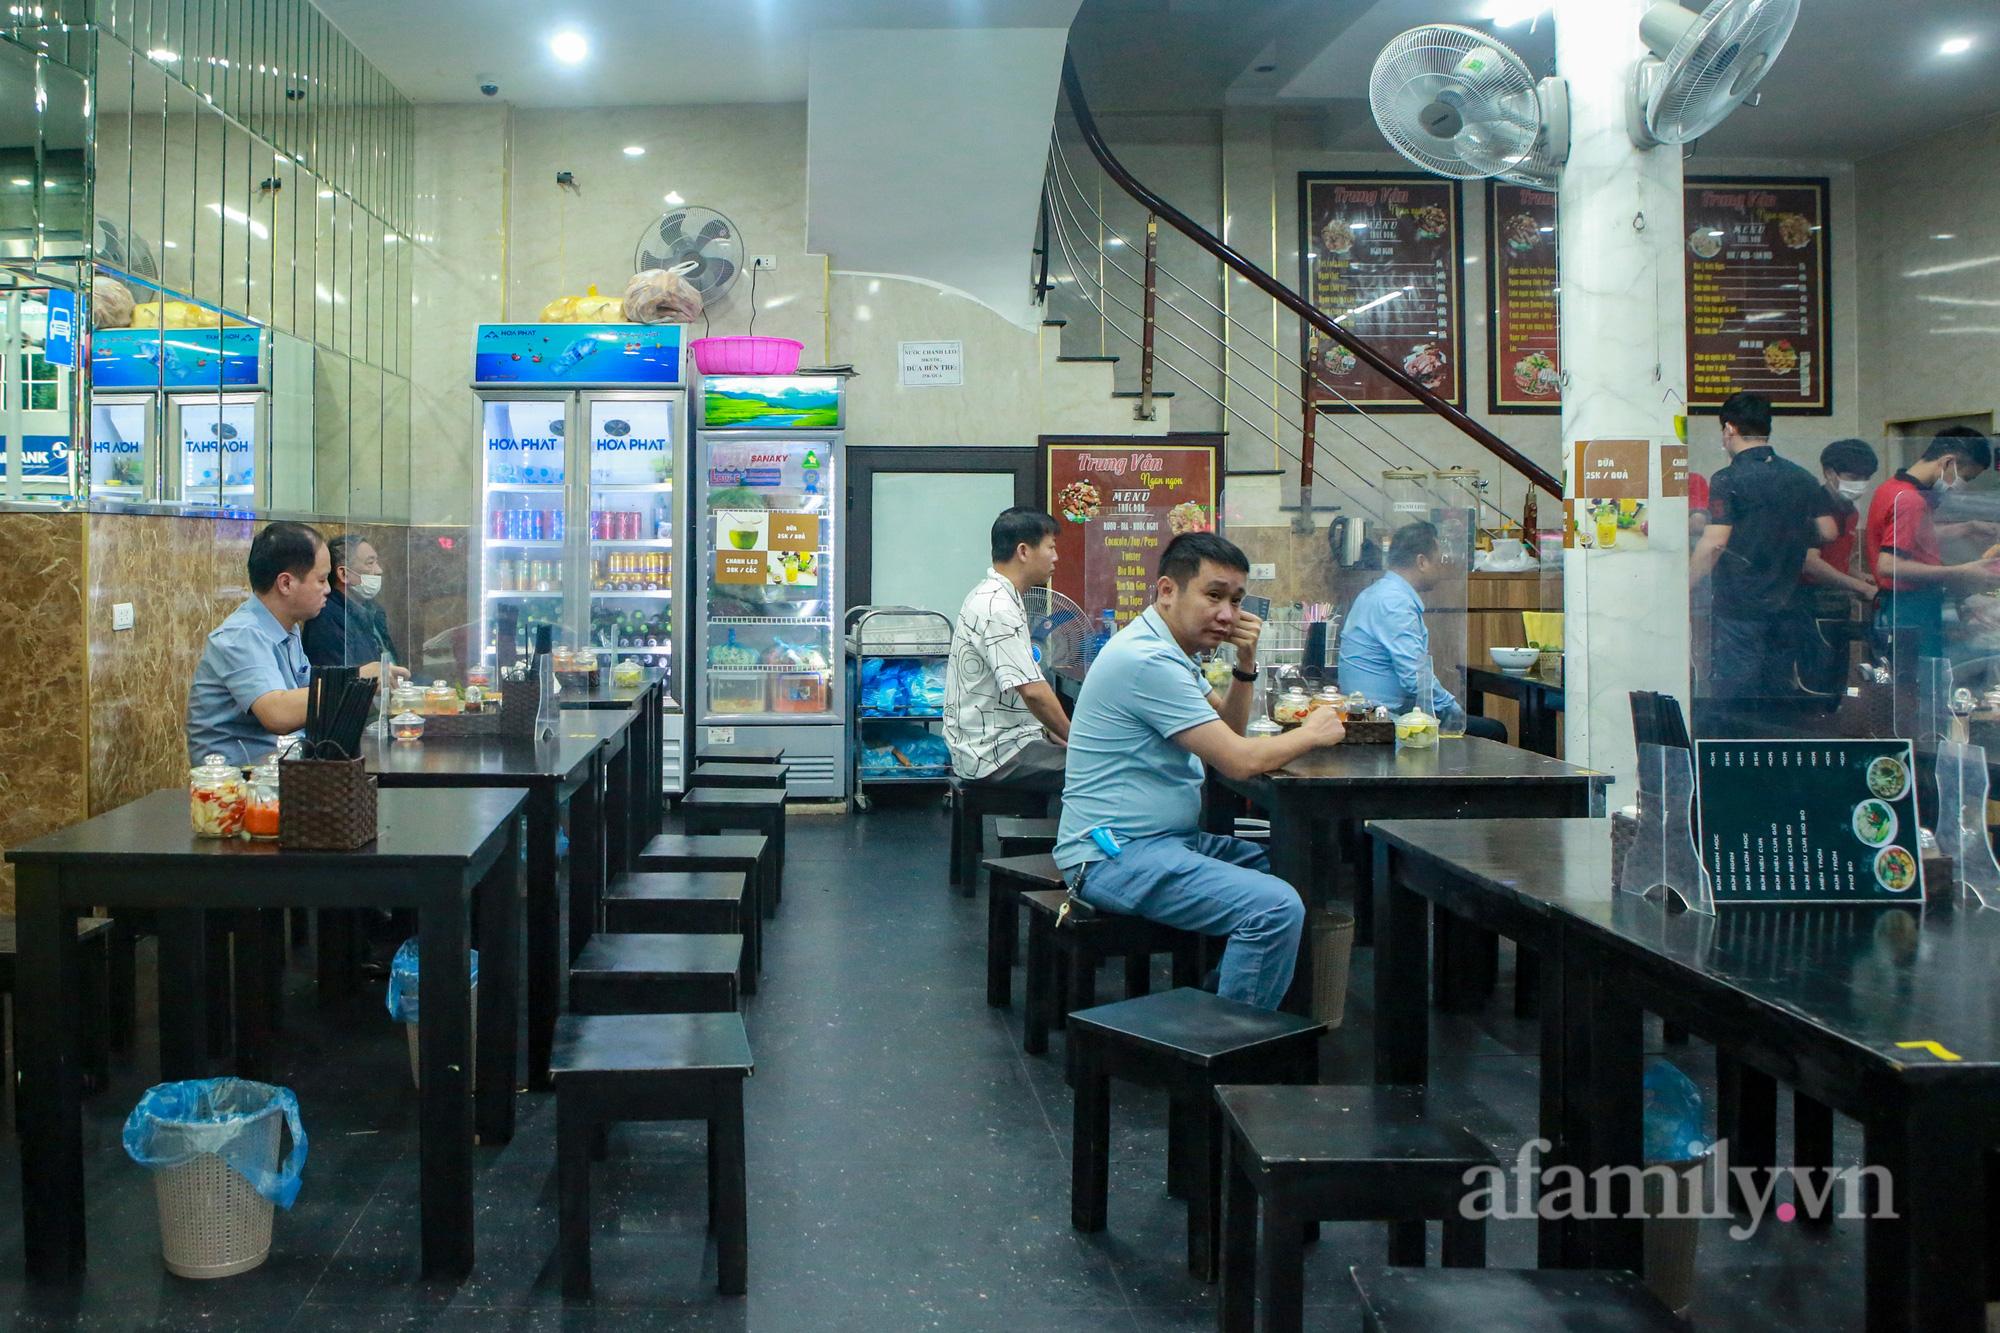 Người Hà Nội hồ hởi dậy sớm đi ăn sáng, cafe khi hàng ăn, uống được mở bán tại chỗ - Ảnh 3.